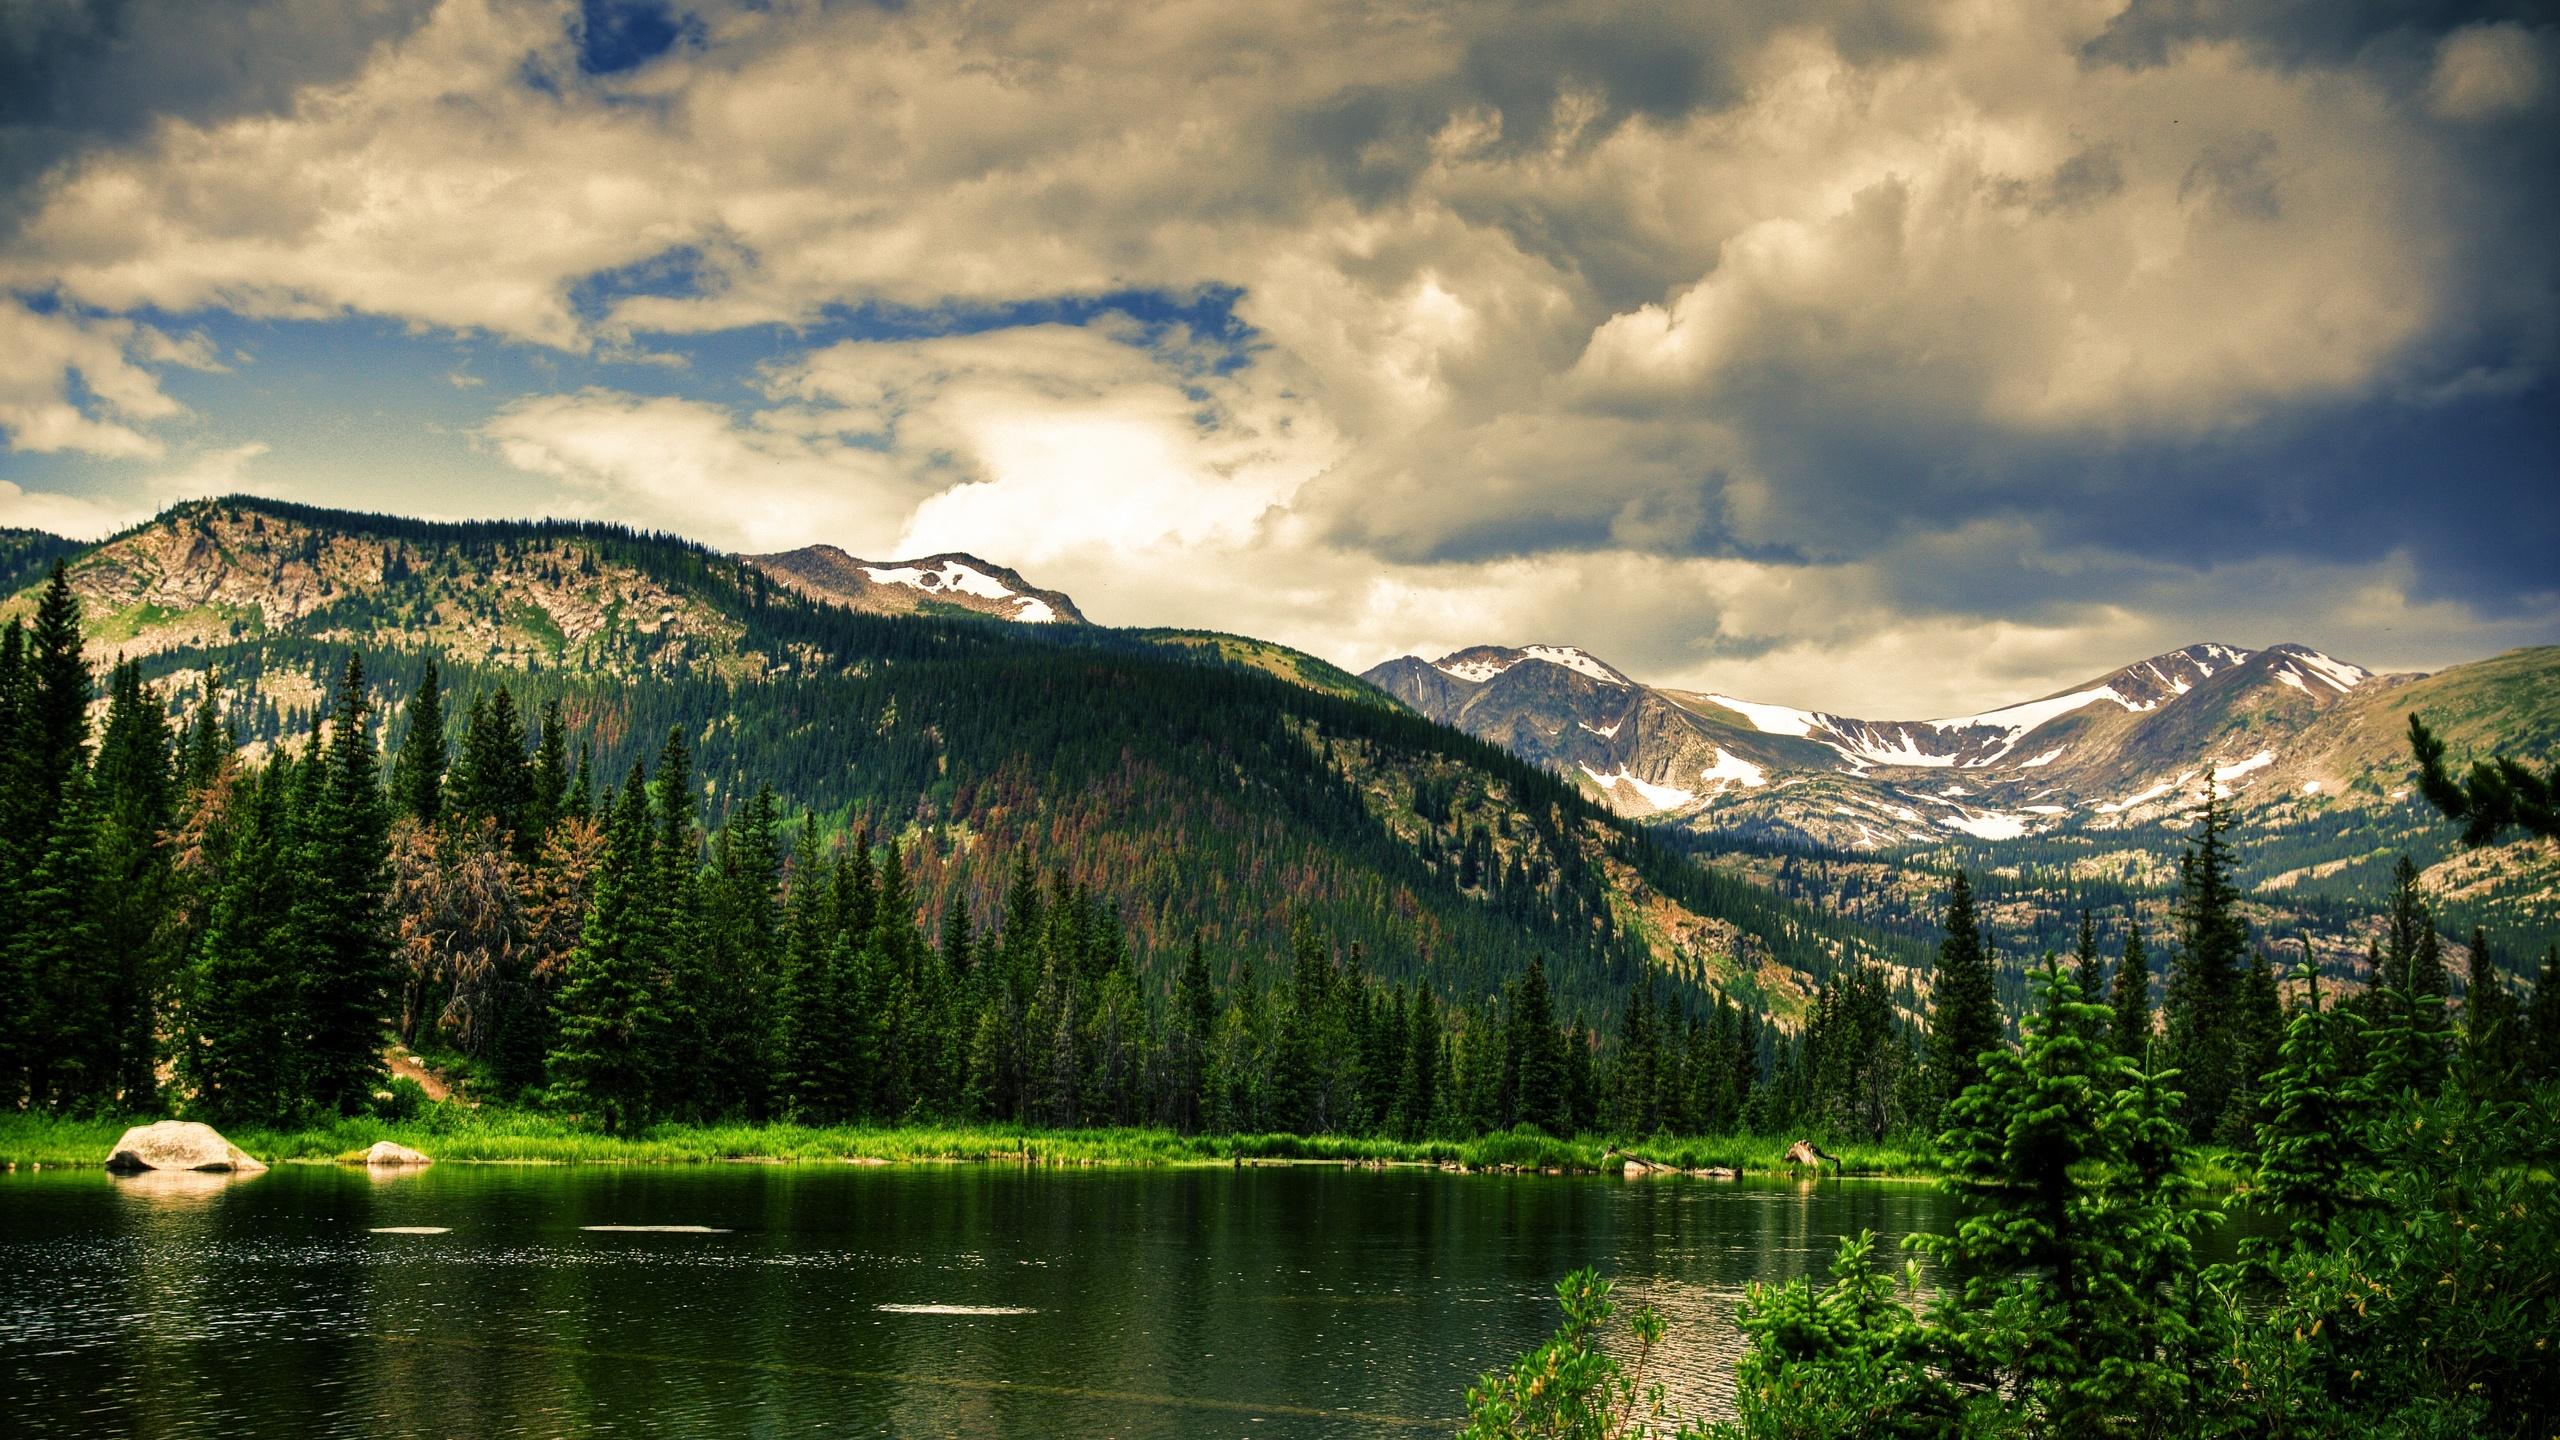 природа река горы облака набо nature river mountains clouds Noboa  № 2538778 без смс